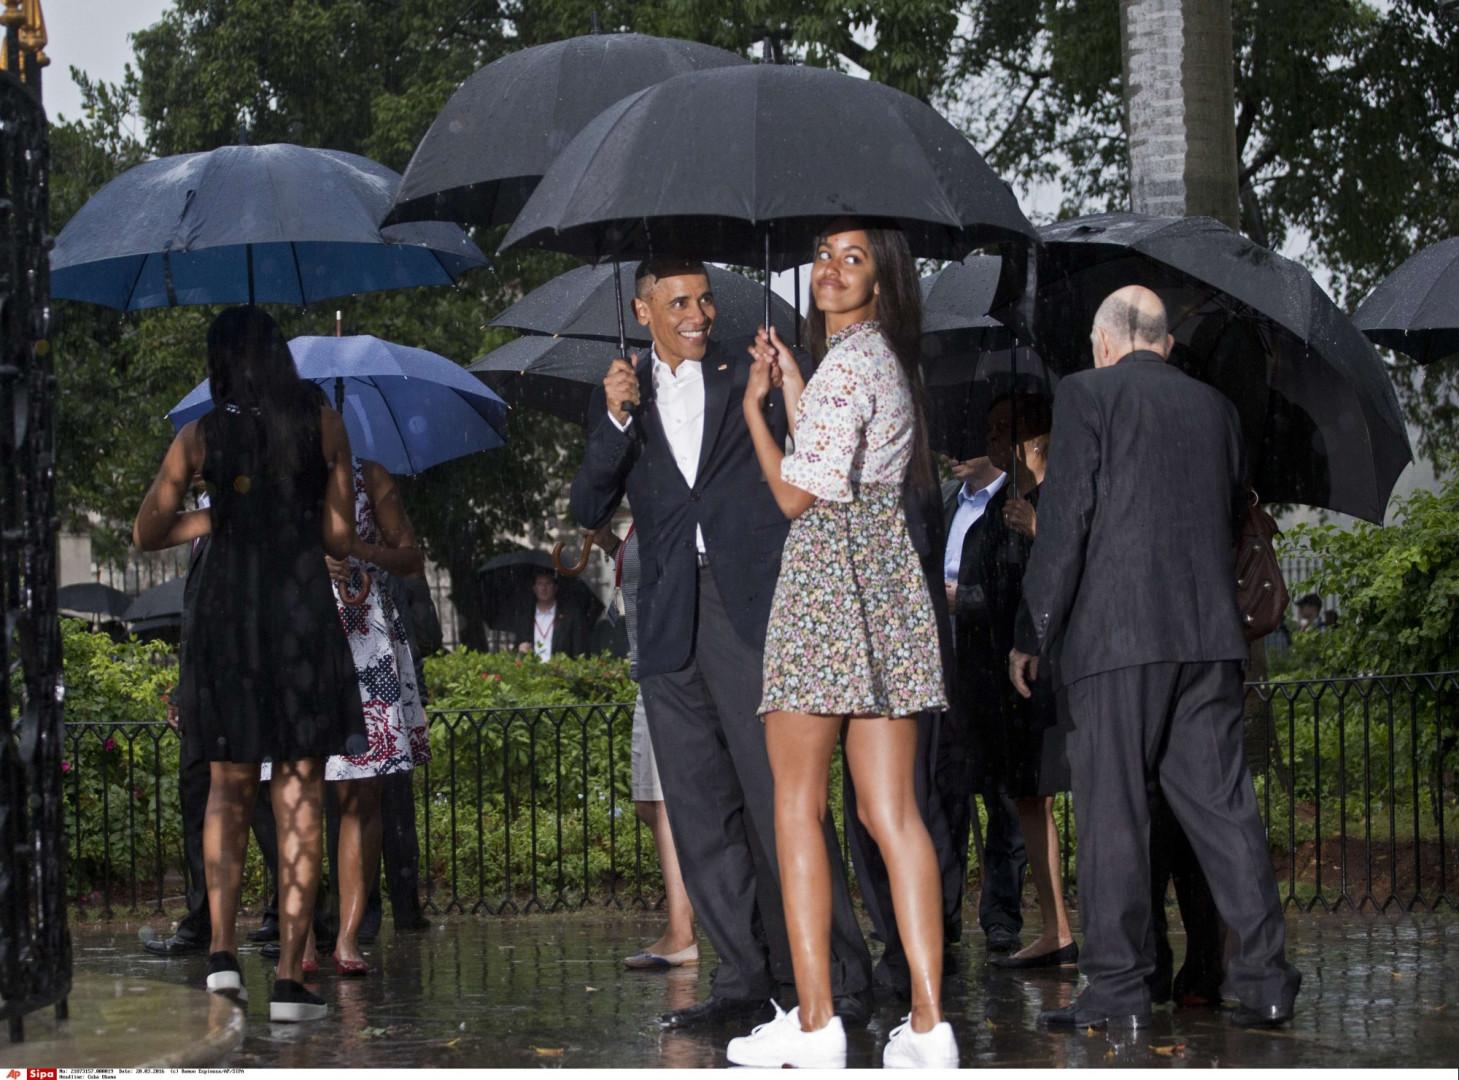 Le 20 mars 2016, la famille se rend à la Havane (Cuba). Les deux soeurs s'affichent plus stylées que jamais. Un tournant vestimentaire majeur à la Maison Blanche.